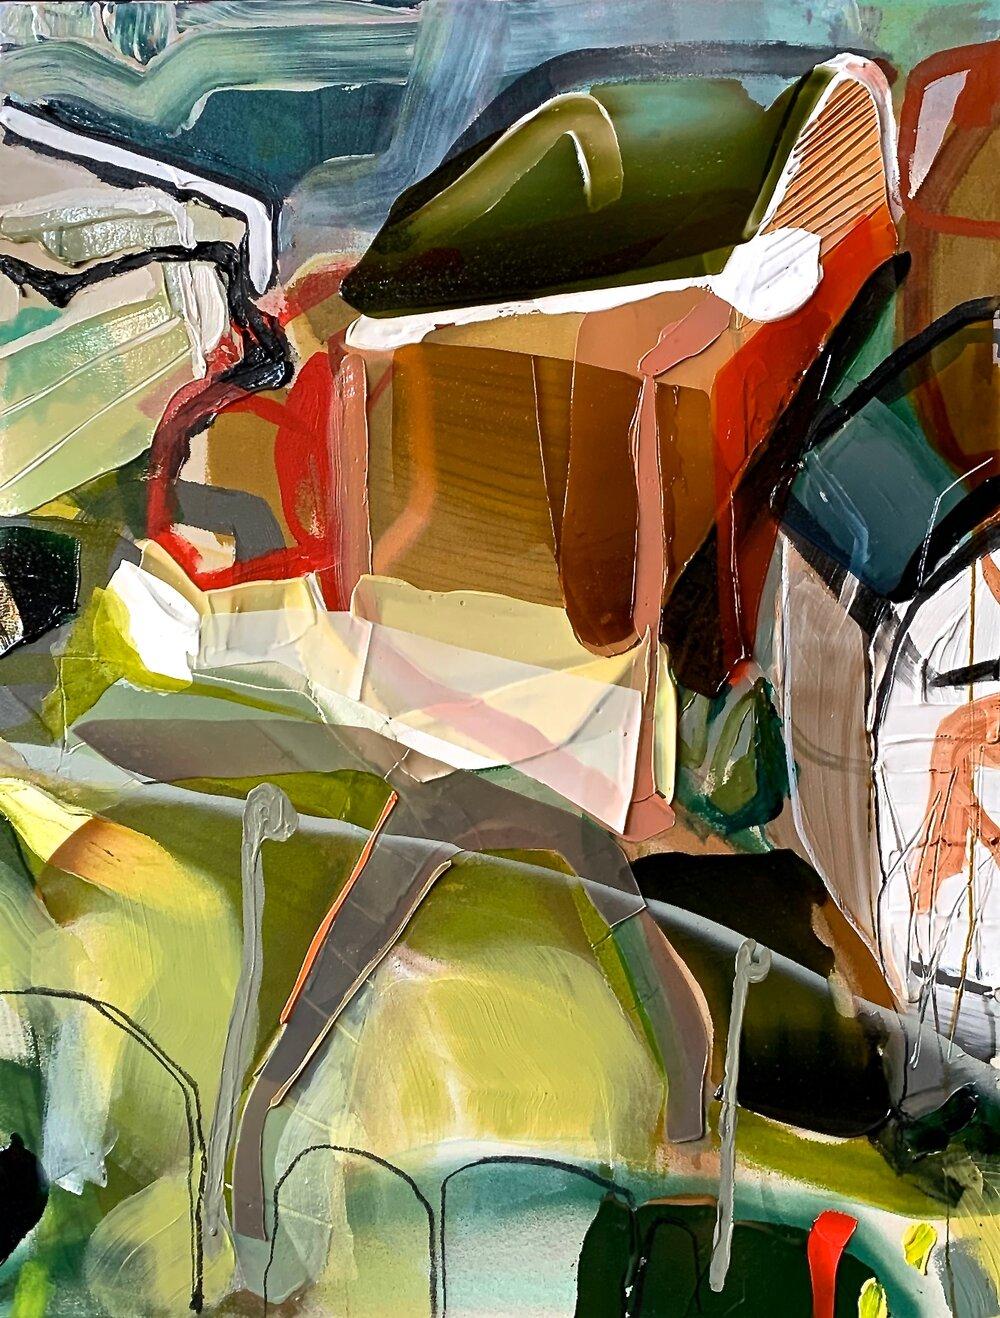 Tony's garden, 2019, acrylique sur toile, 52'' x 40''